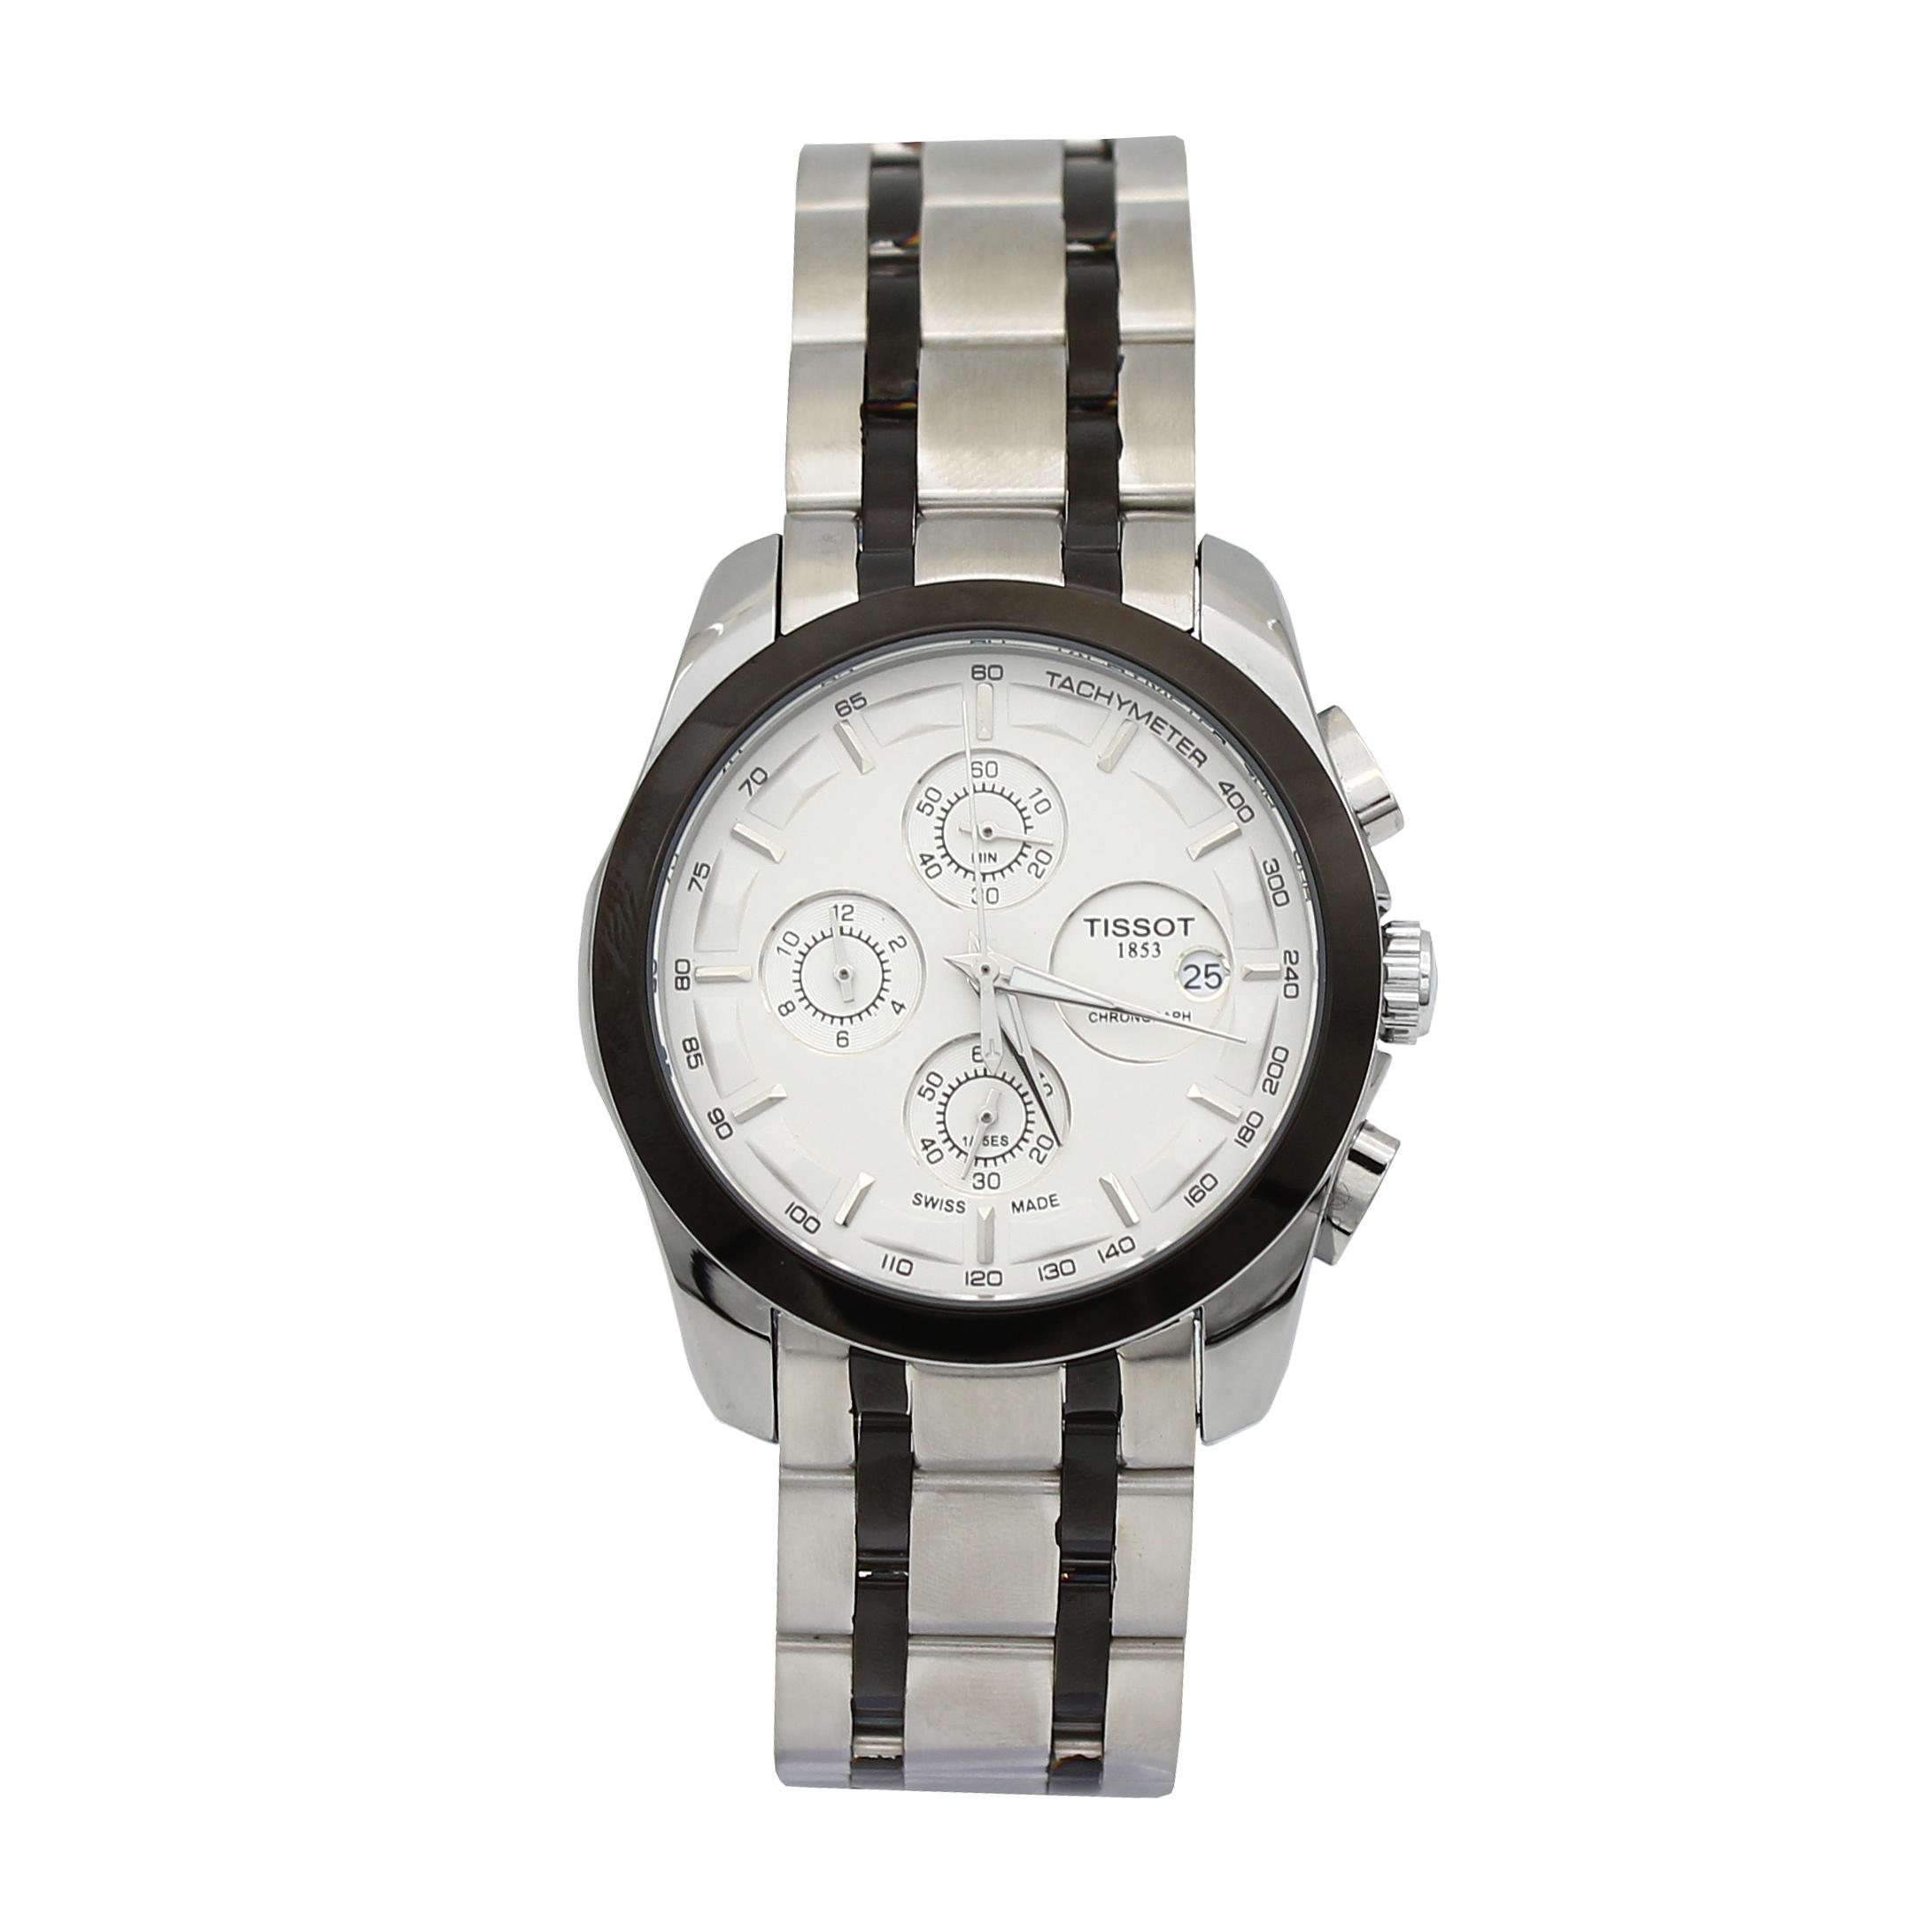 ساعت مچی عقربهای مردانه تیسوت مدل 15441